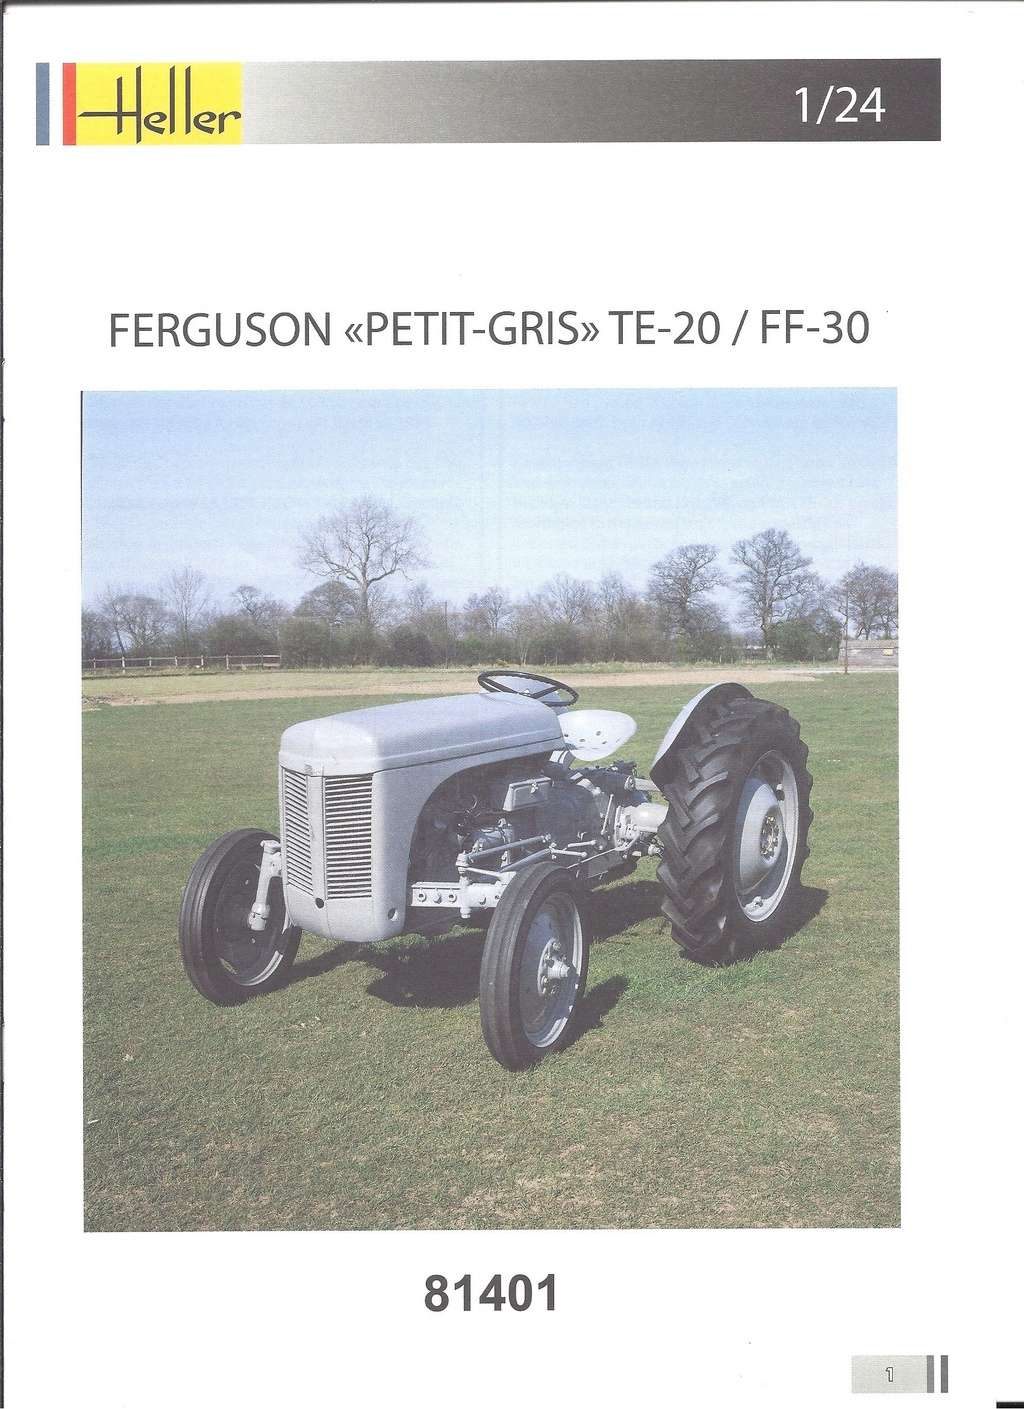 FERGUSSON TE 20 - FF 30 1/24ème  Réf 81401 Notice Hell1800